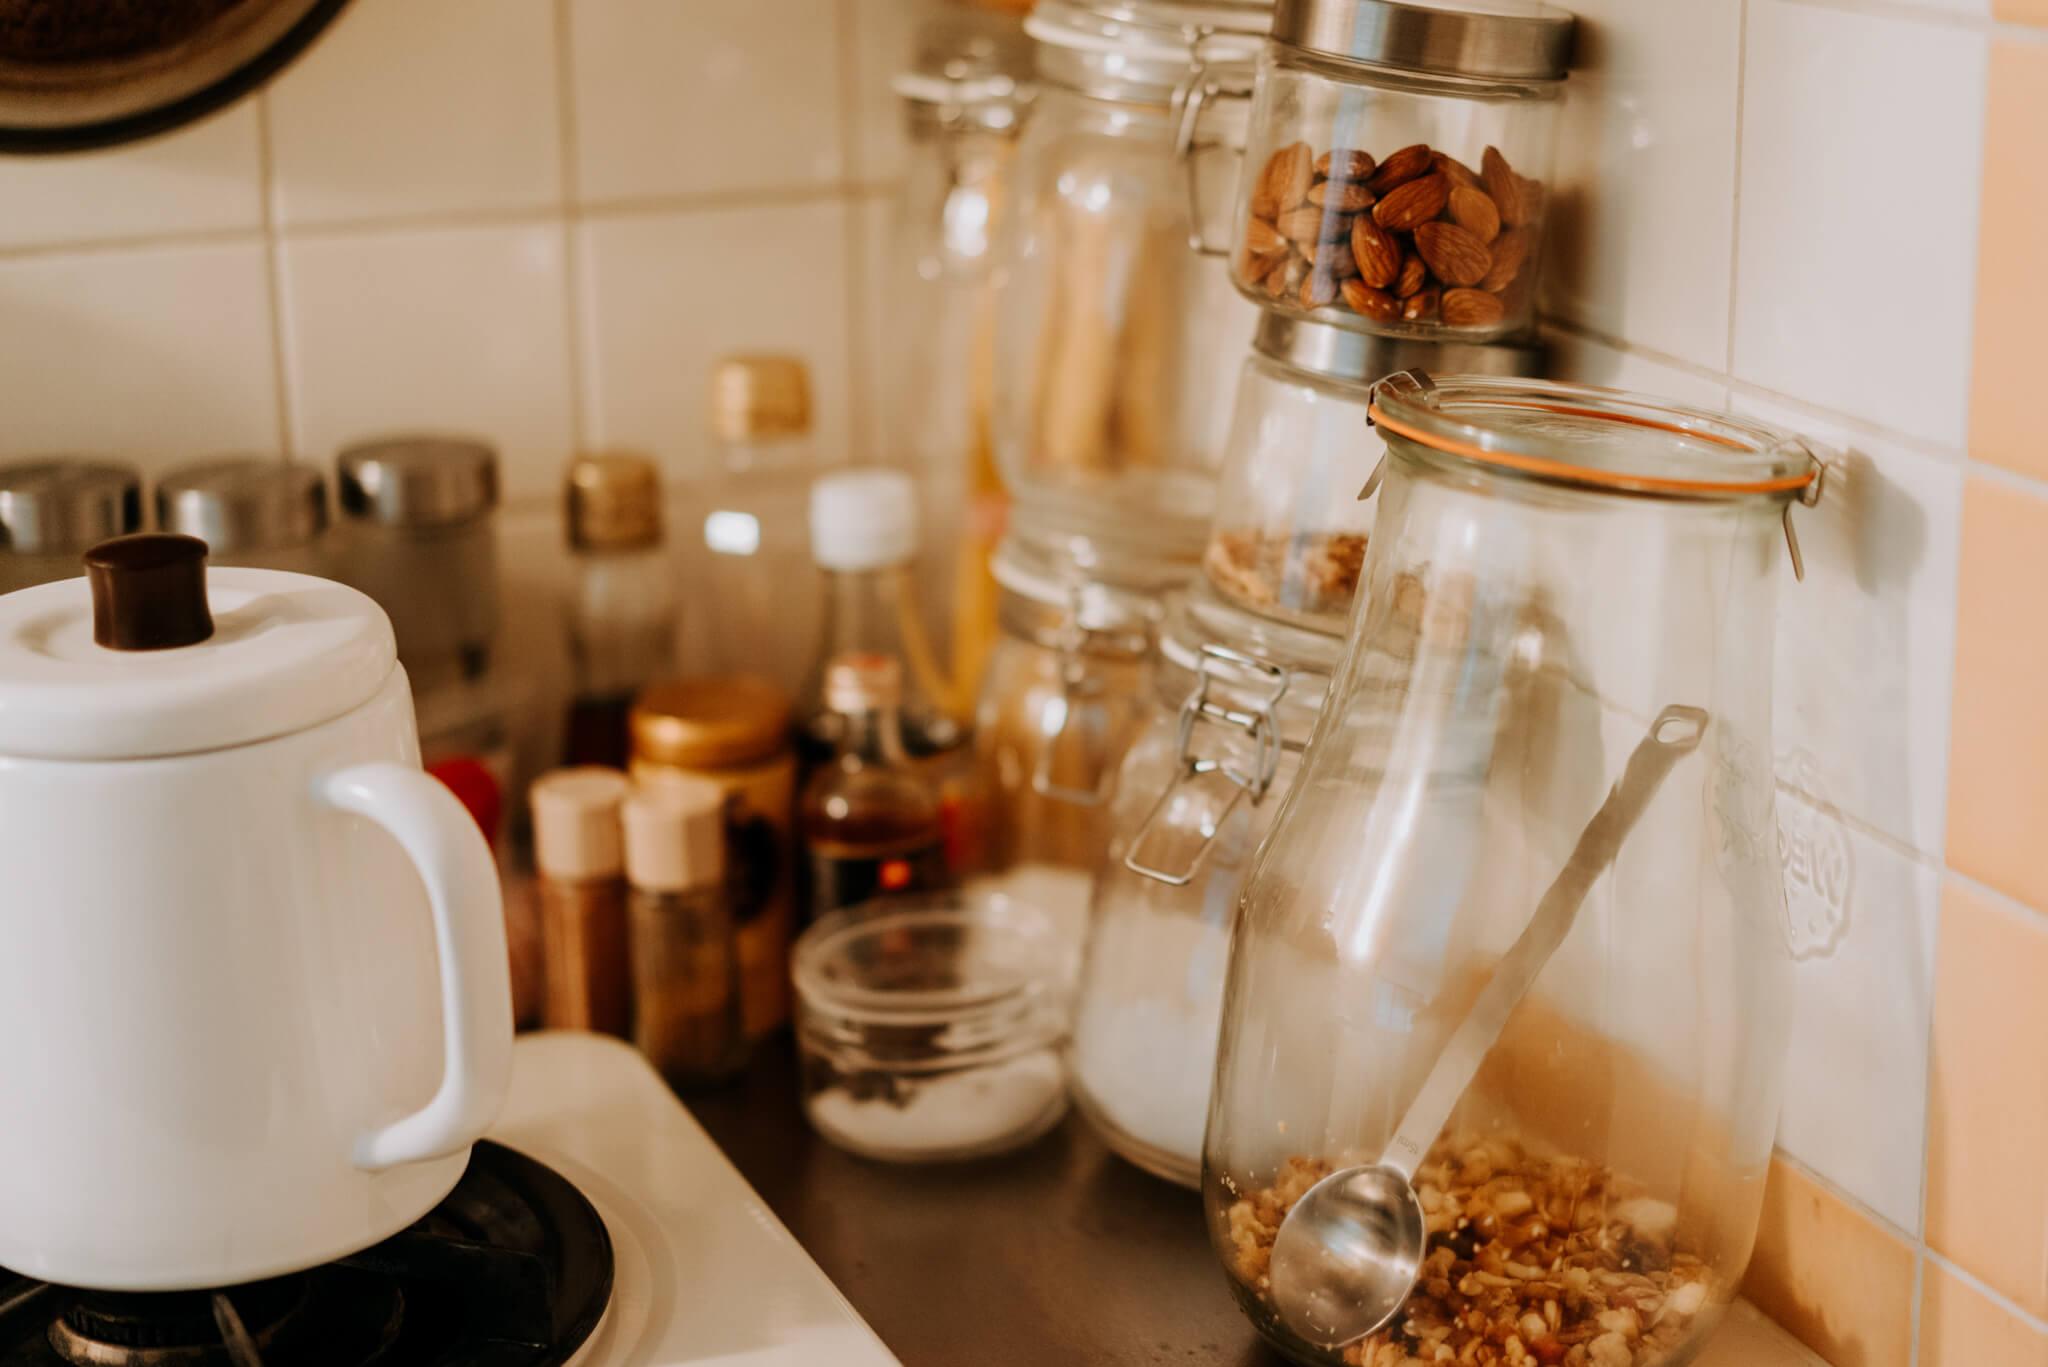 食材は、中身が見やすいガラス瓶に入れ替えて。